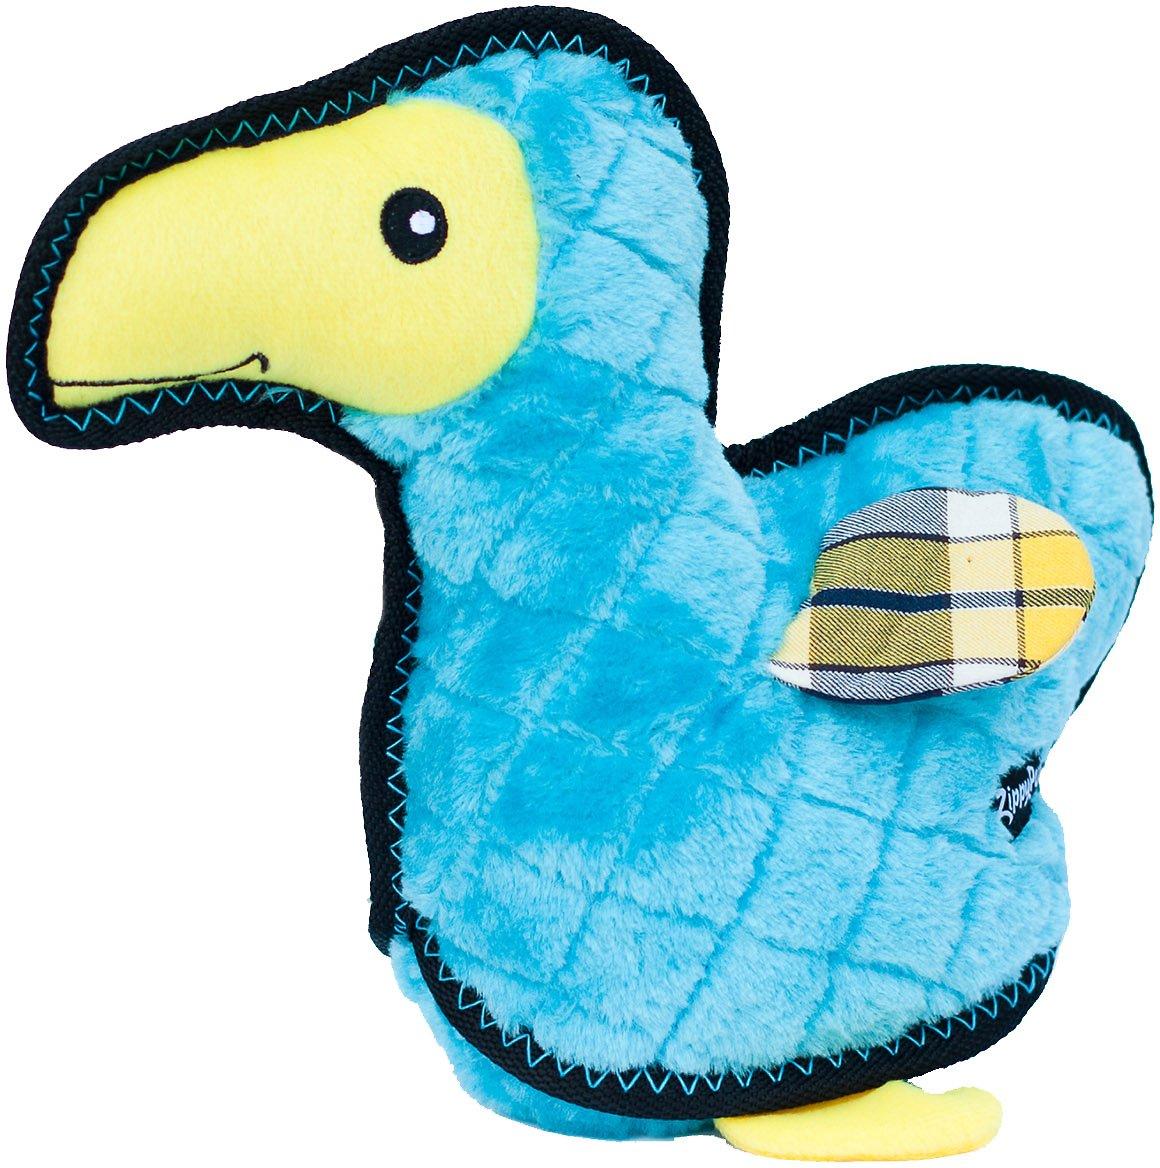 ZippyPaws Z-Stitch Grunterz Dodo the Dodo Bird Dog Toy